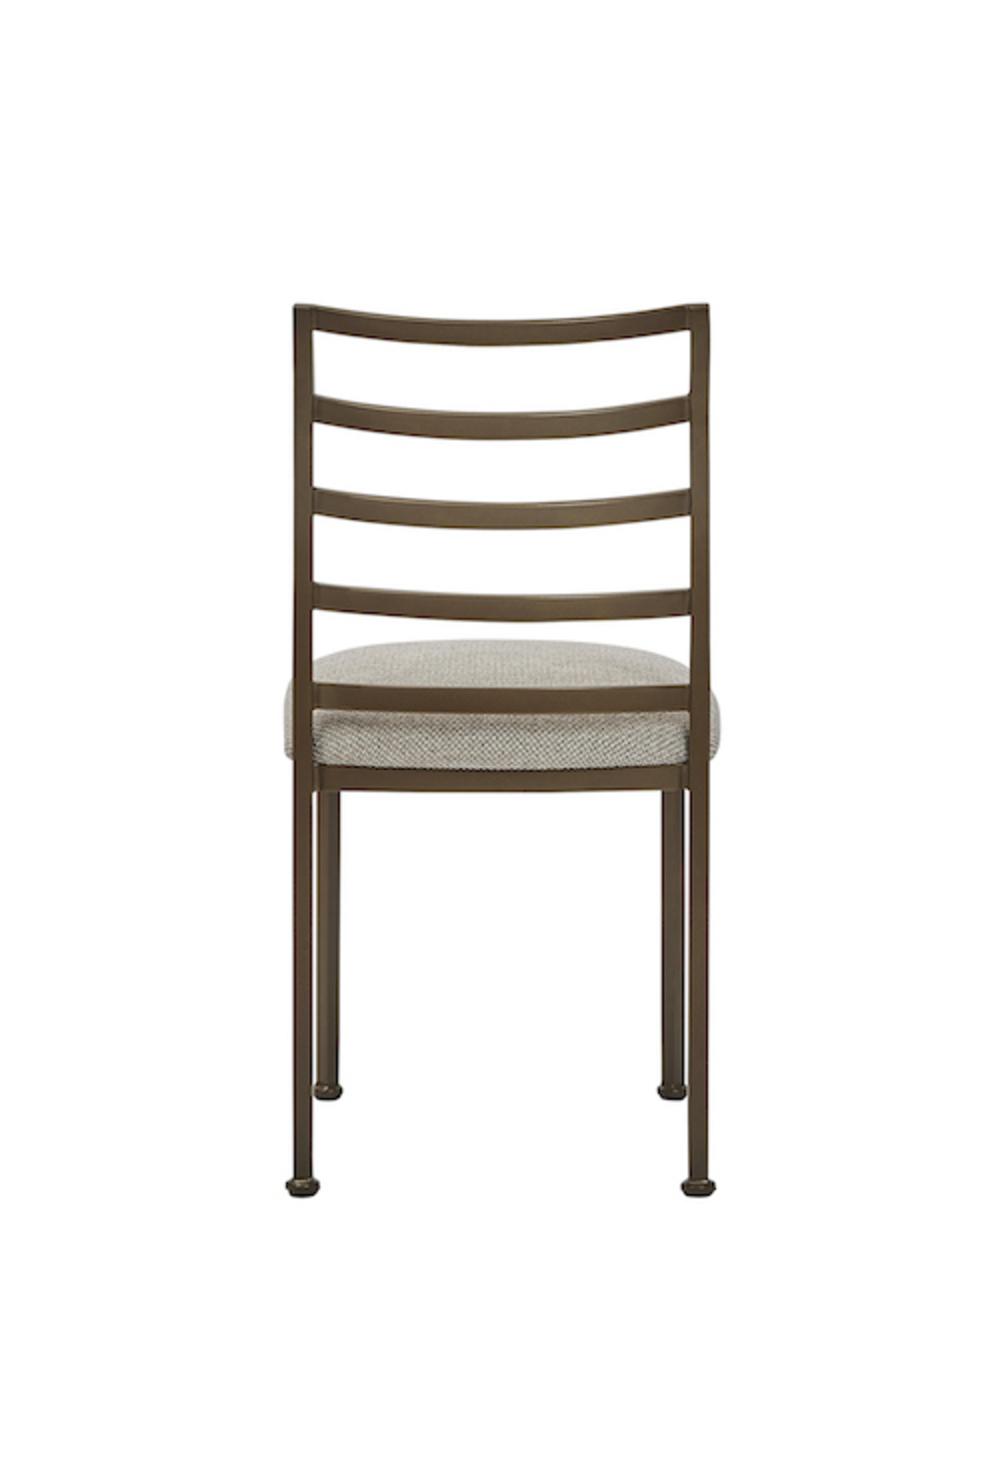 Wesley Allen - Benton Chair